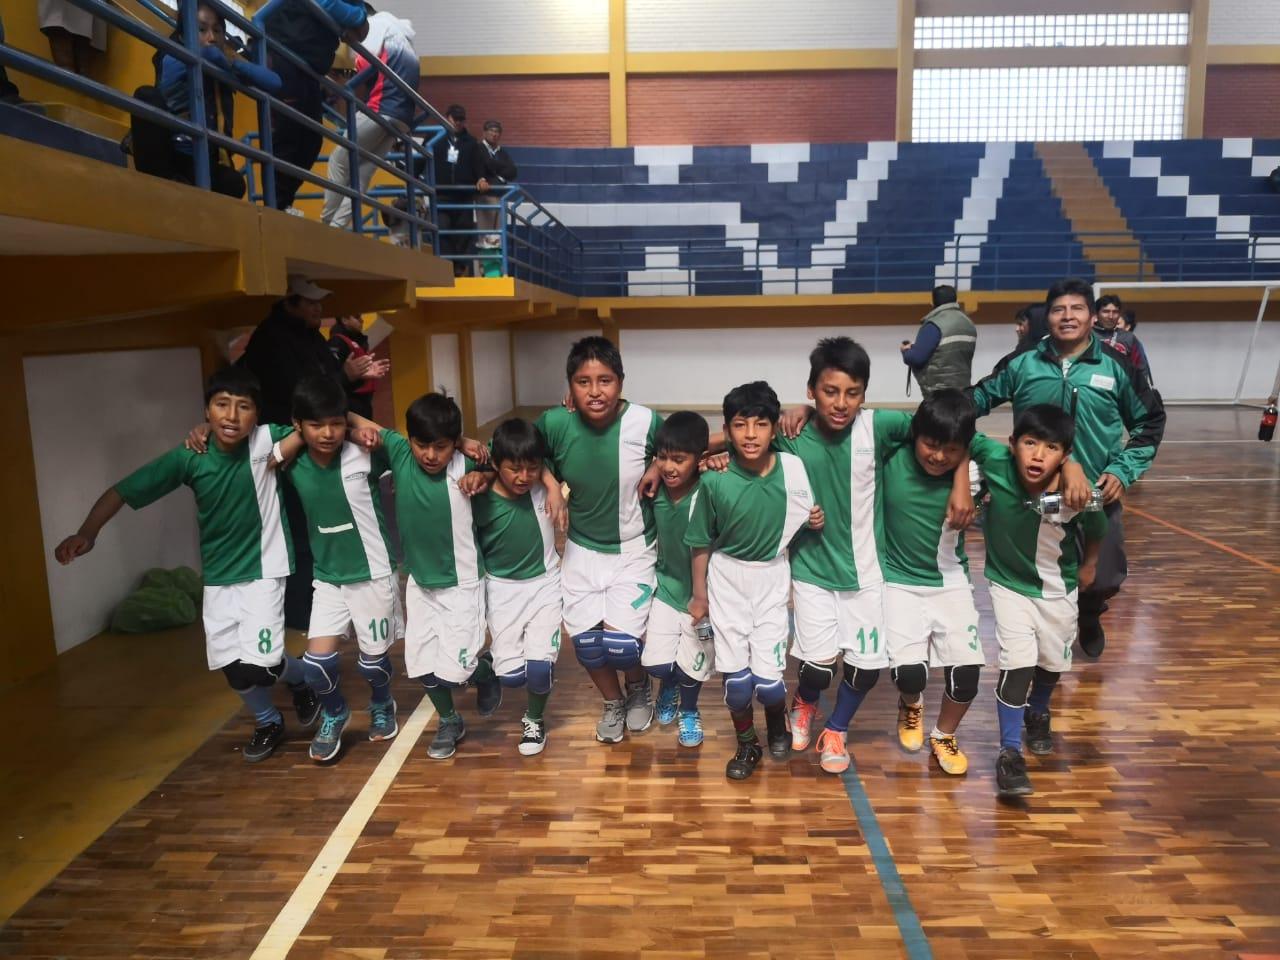 La Escuela de Miraflores de Incahuasi ganó oro en voleibol masculino